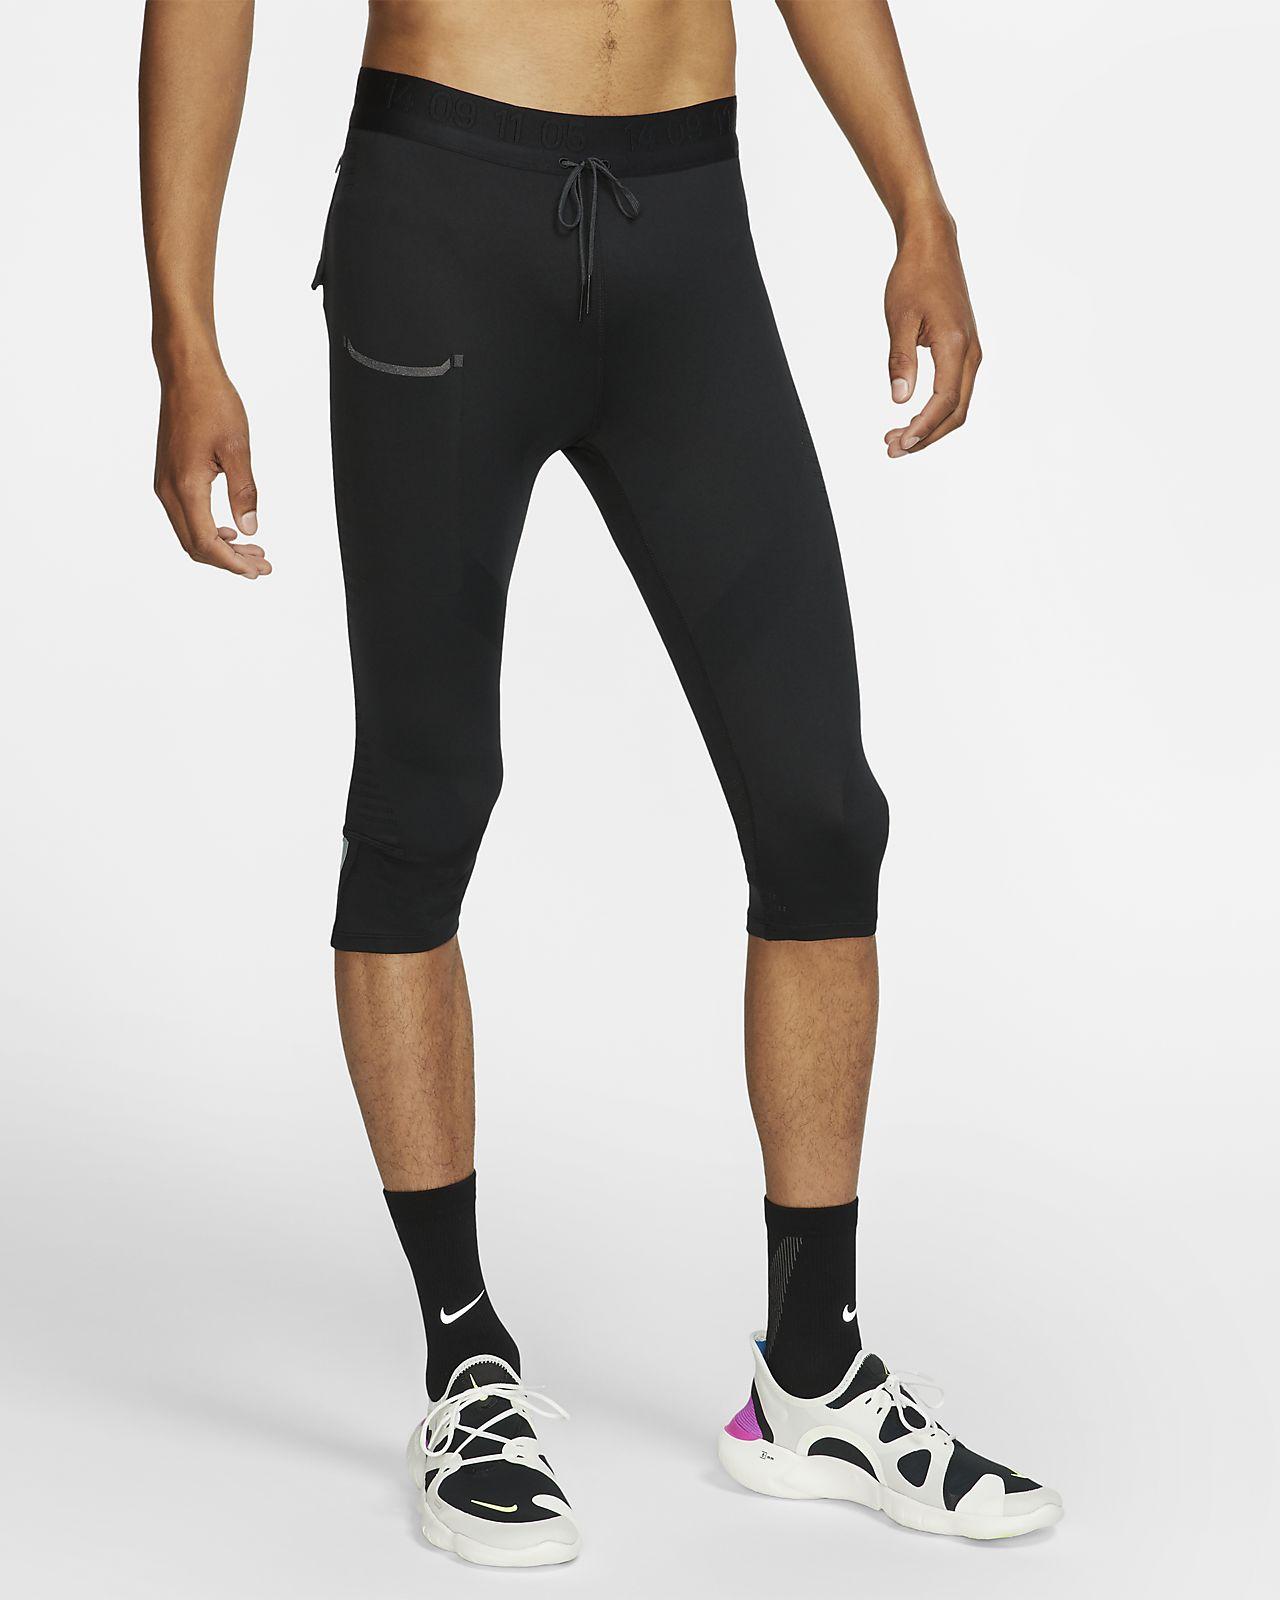 Pánské tříčtvrteční běžecké legíny Nike